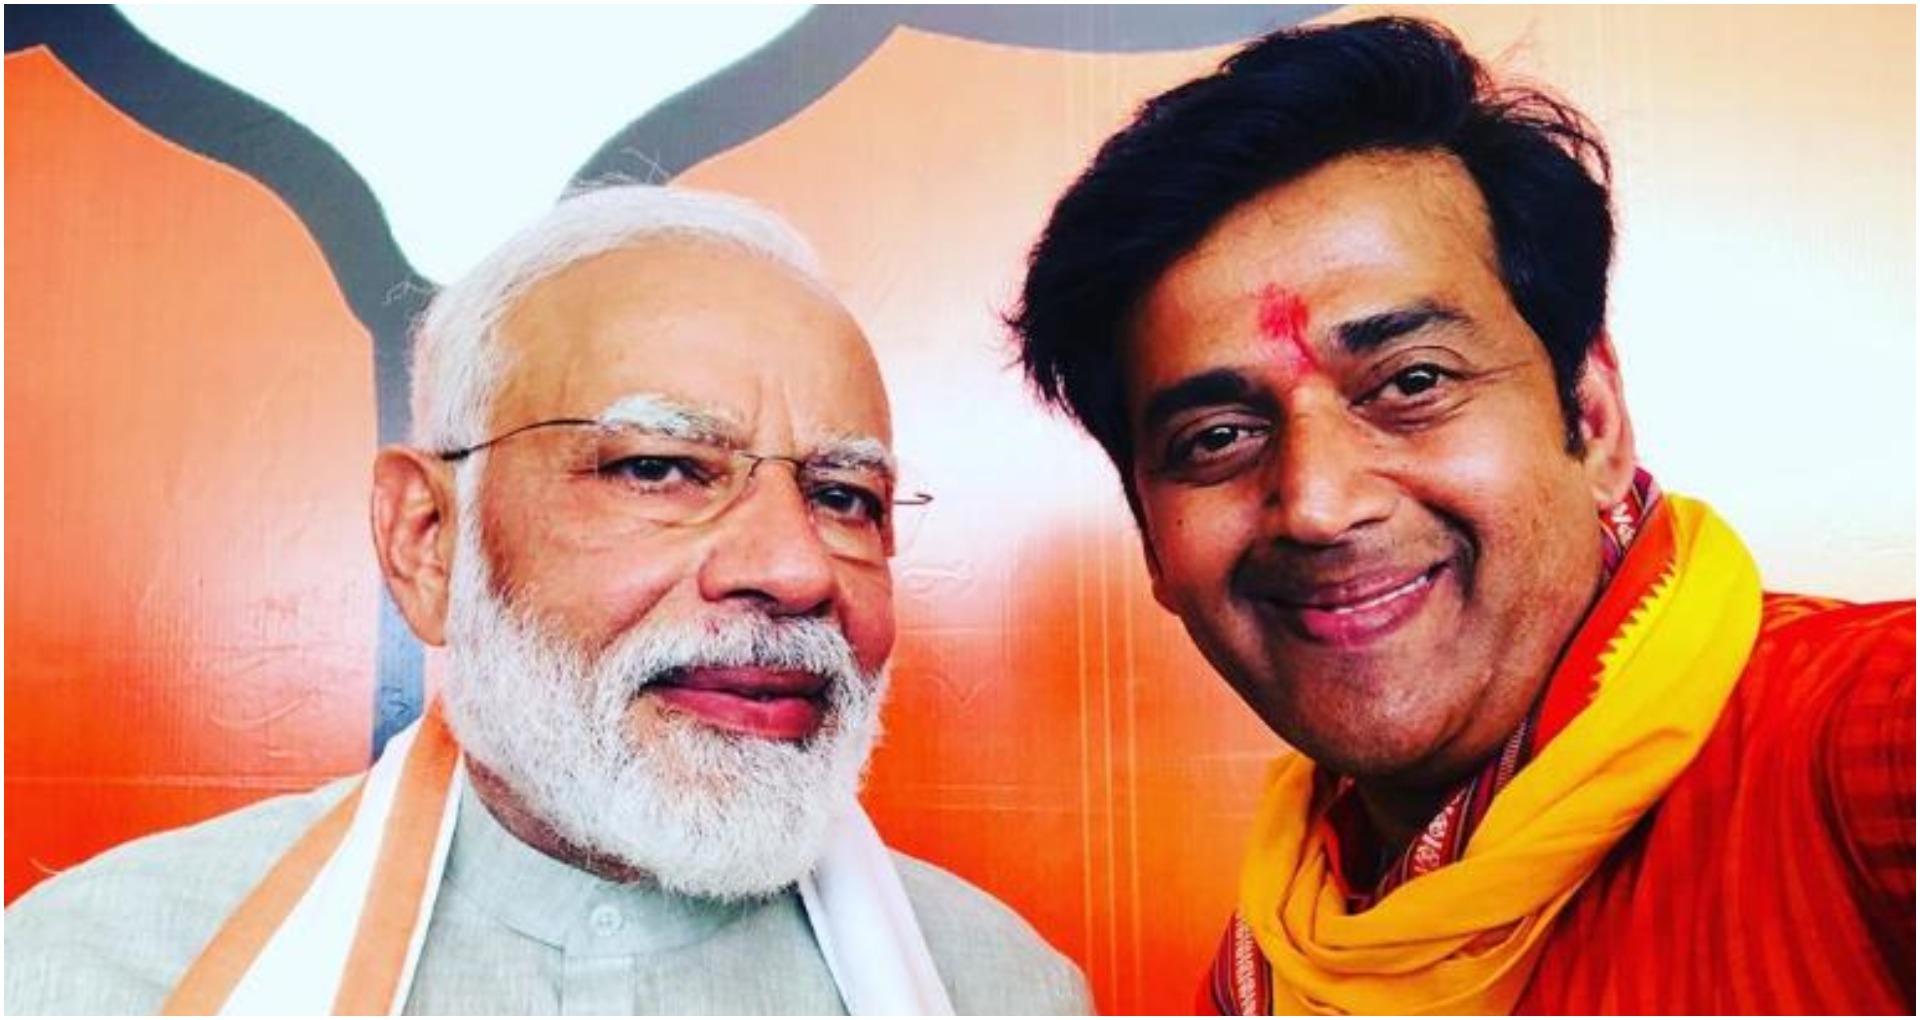 बीजेपी एमपी रवि किशन बनाएंगे प्रधानमंत्री नरेंद्र मोदी पर भोजपुरी बायोपिक, इन हस्तियों पर भी बनेगी फिल्म